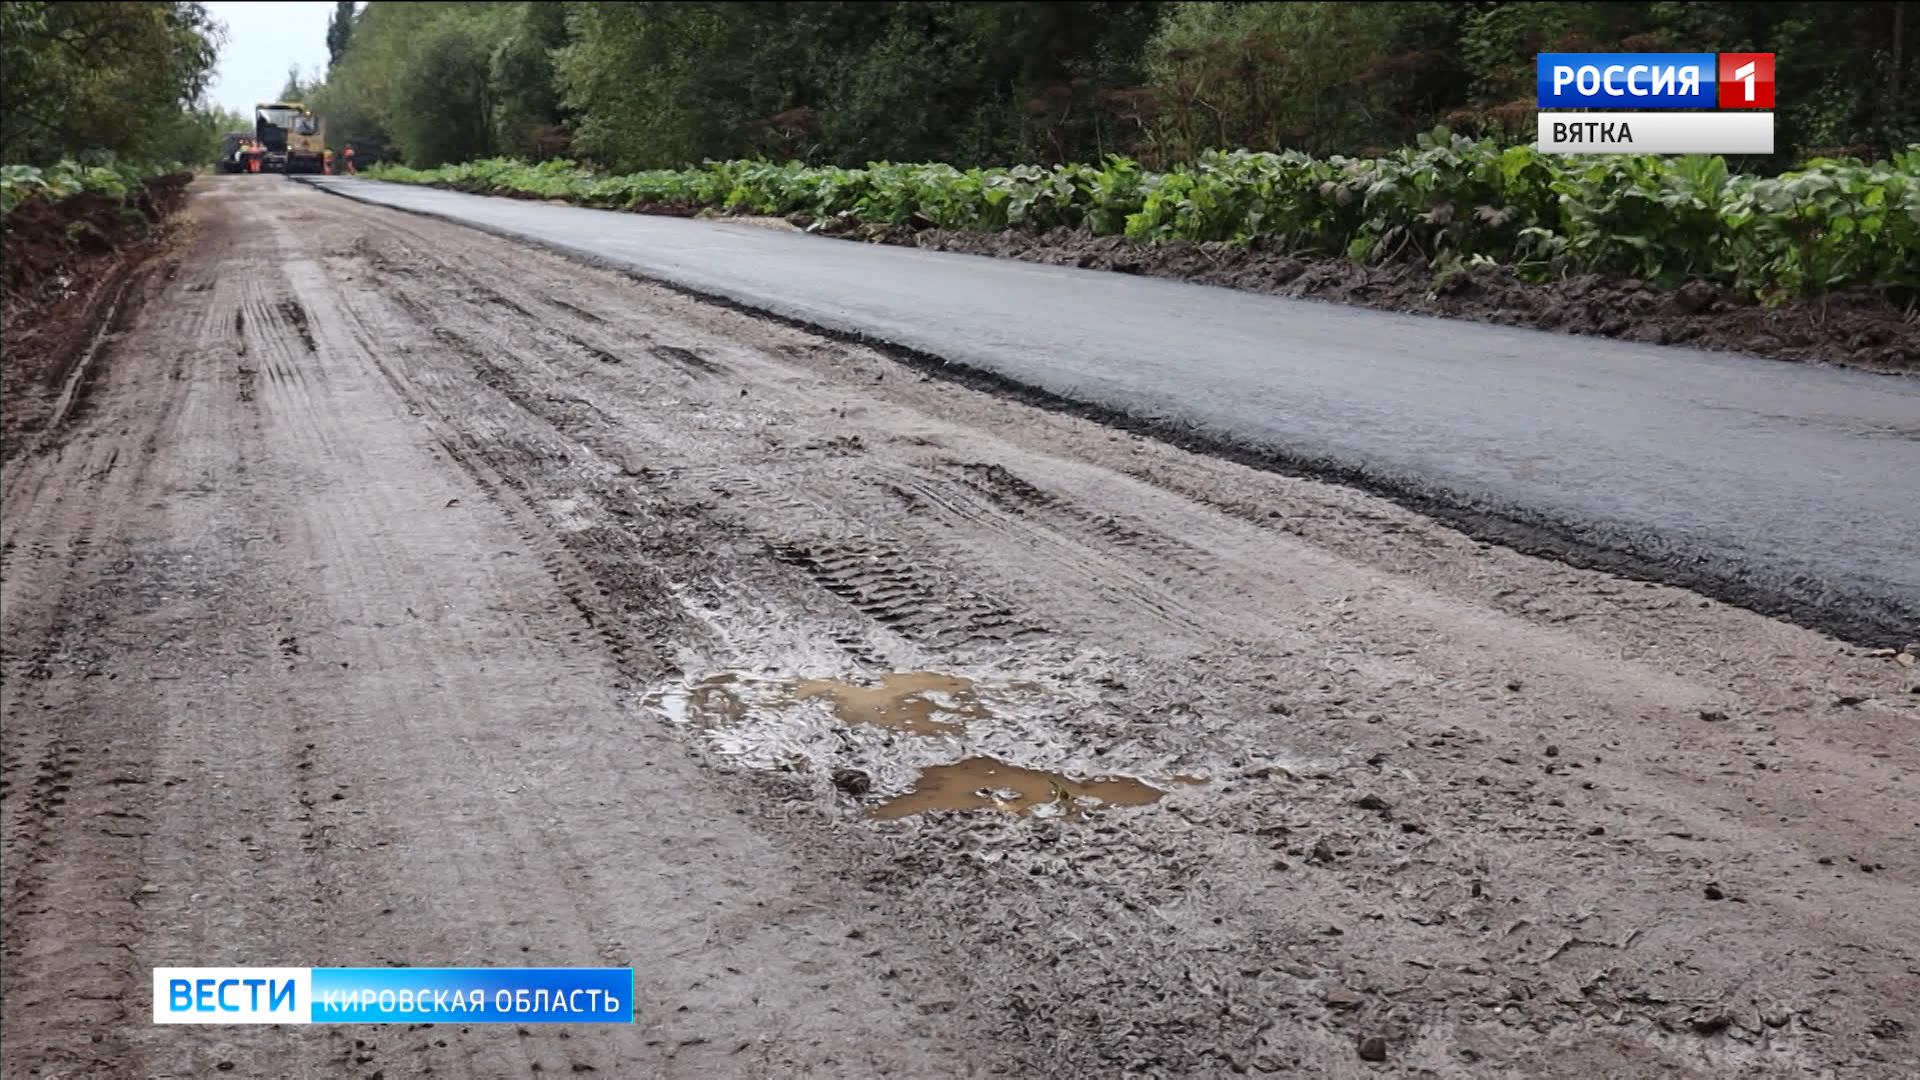 Уложенный на глину асфальт вблизи деревни Никуленки начал разрушаться